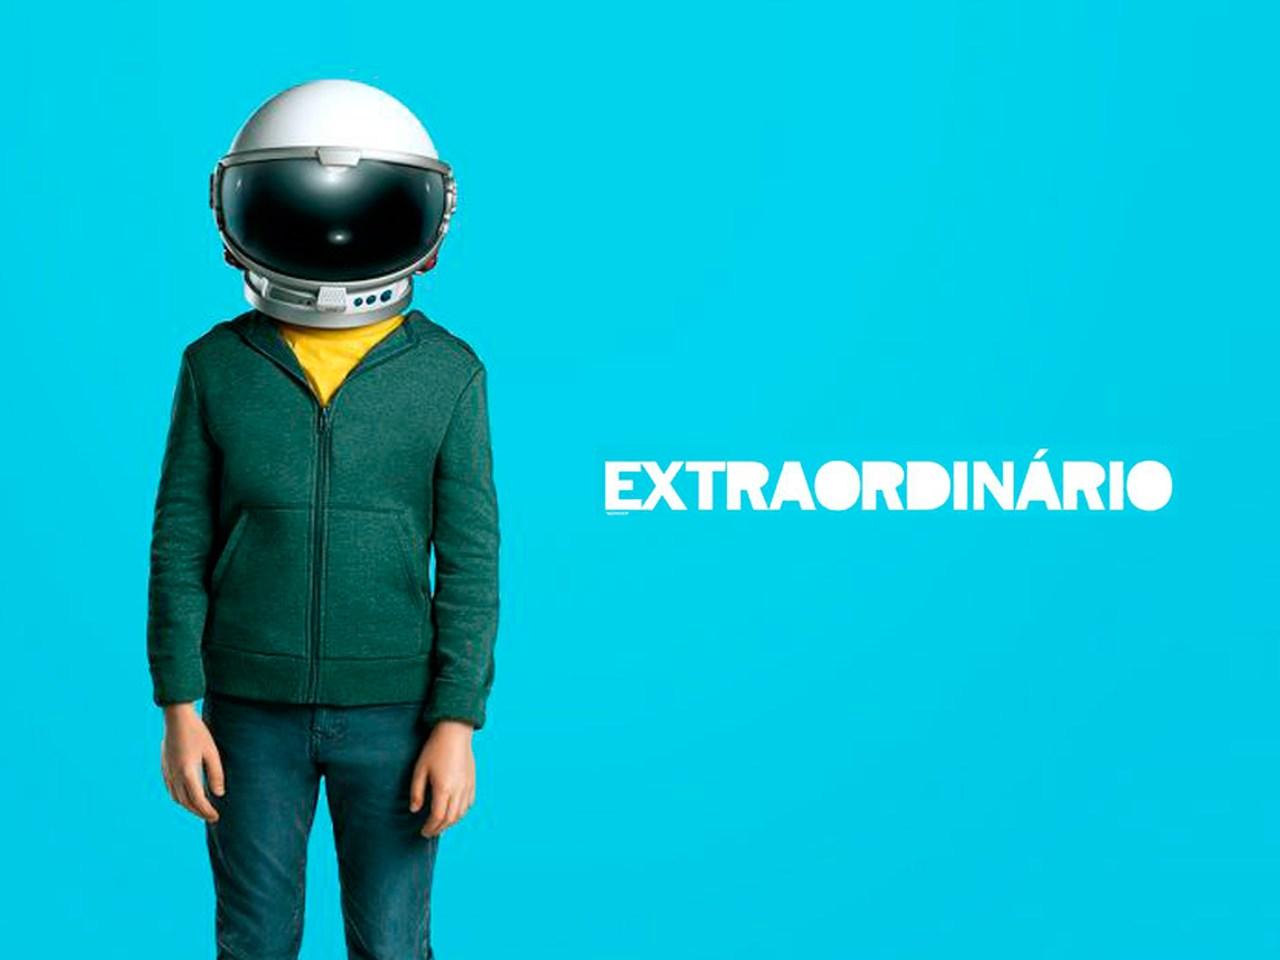 Extraordinário filme completo: 10 motivos para assistir esse filme